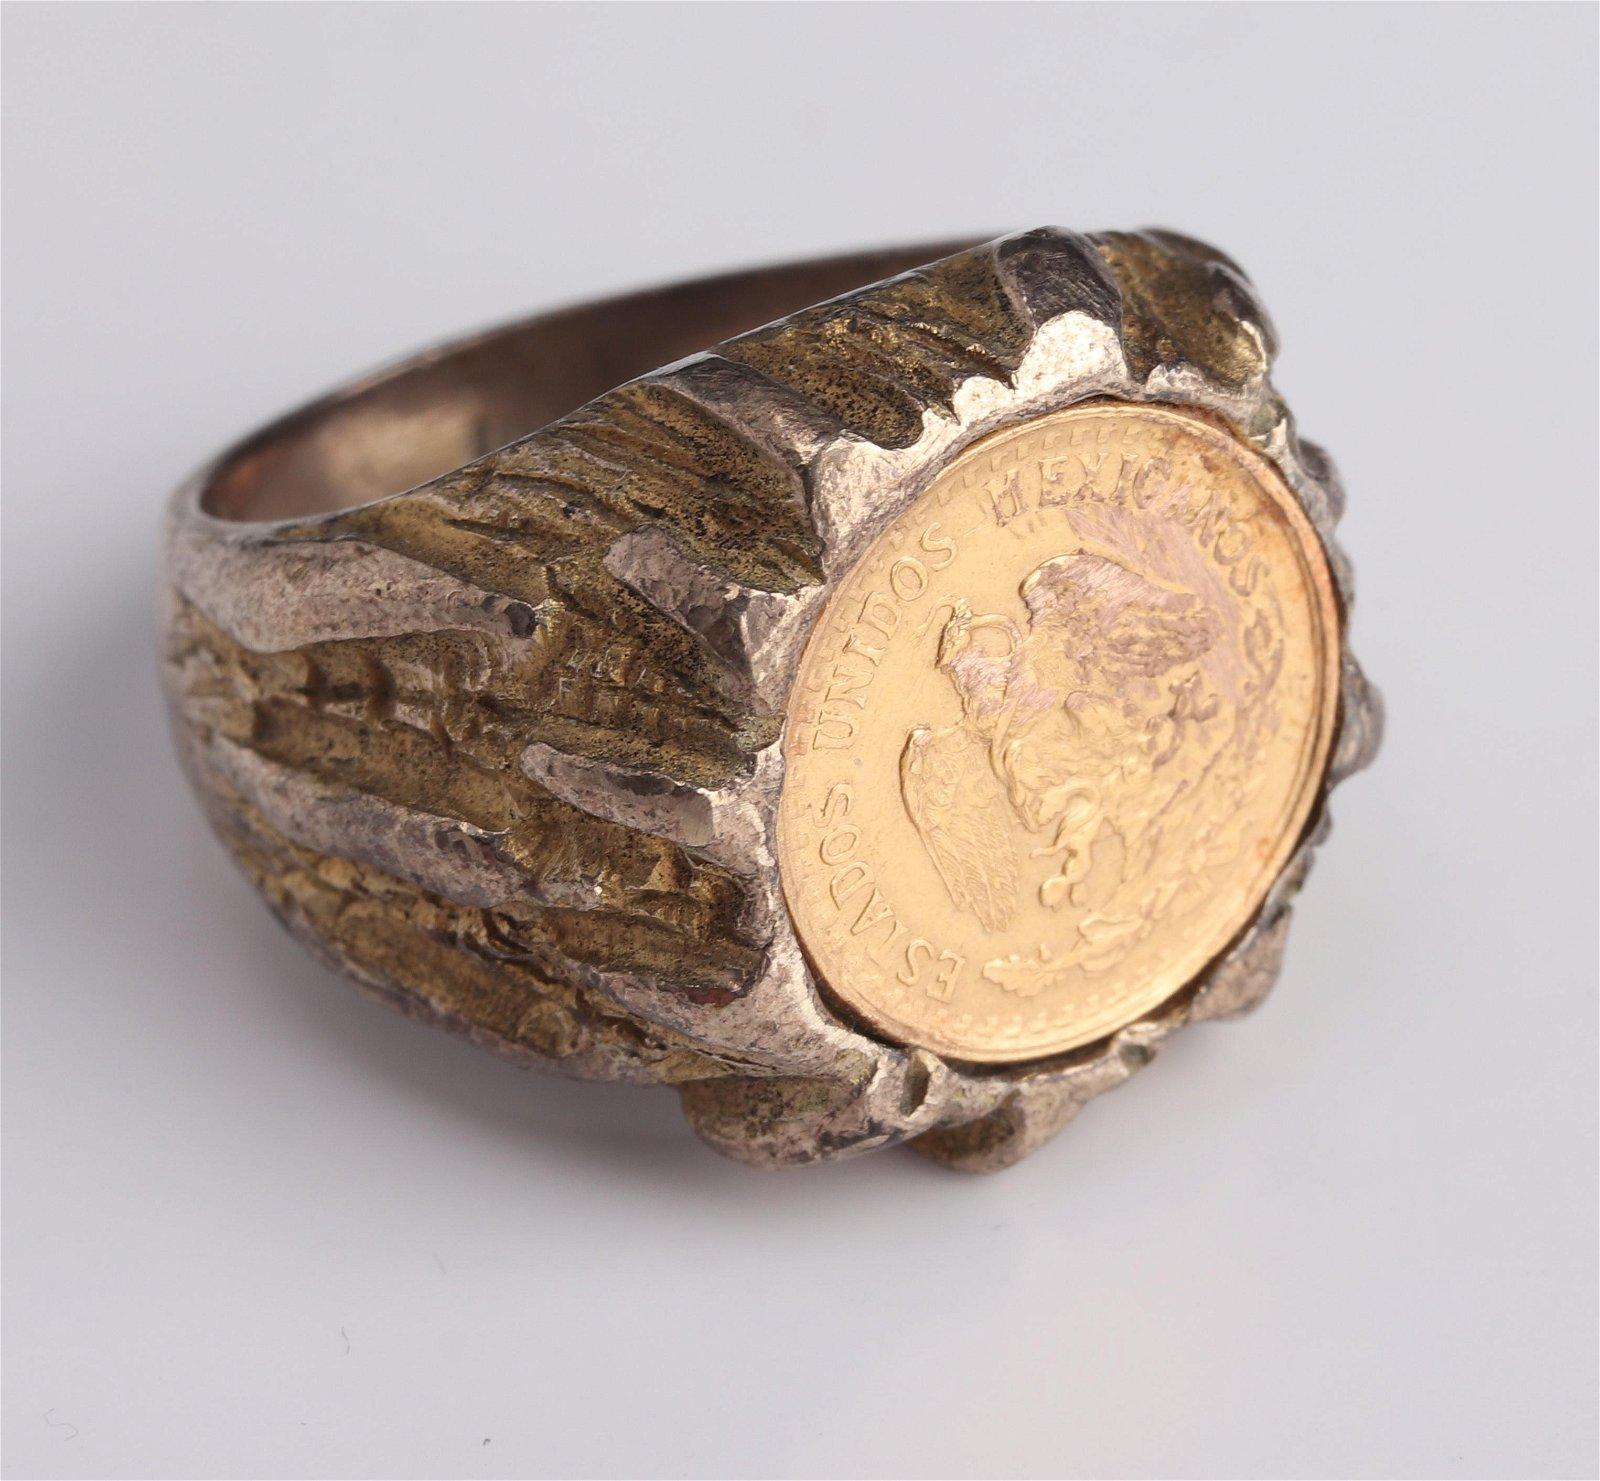 1945 Dos Pesos Mexican .900 Fine Gold Coin Ring